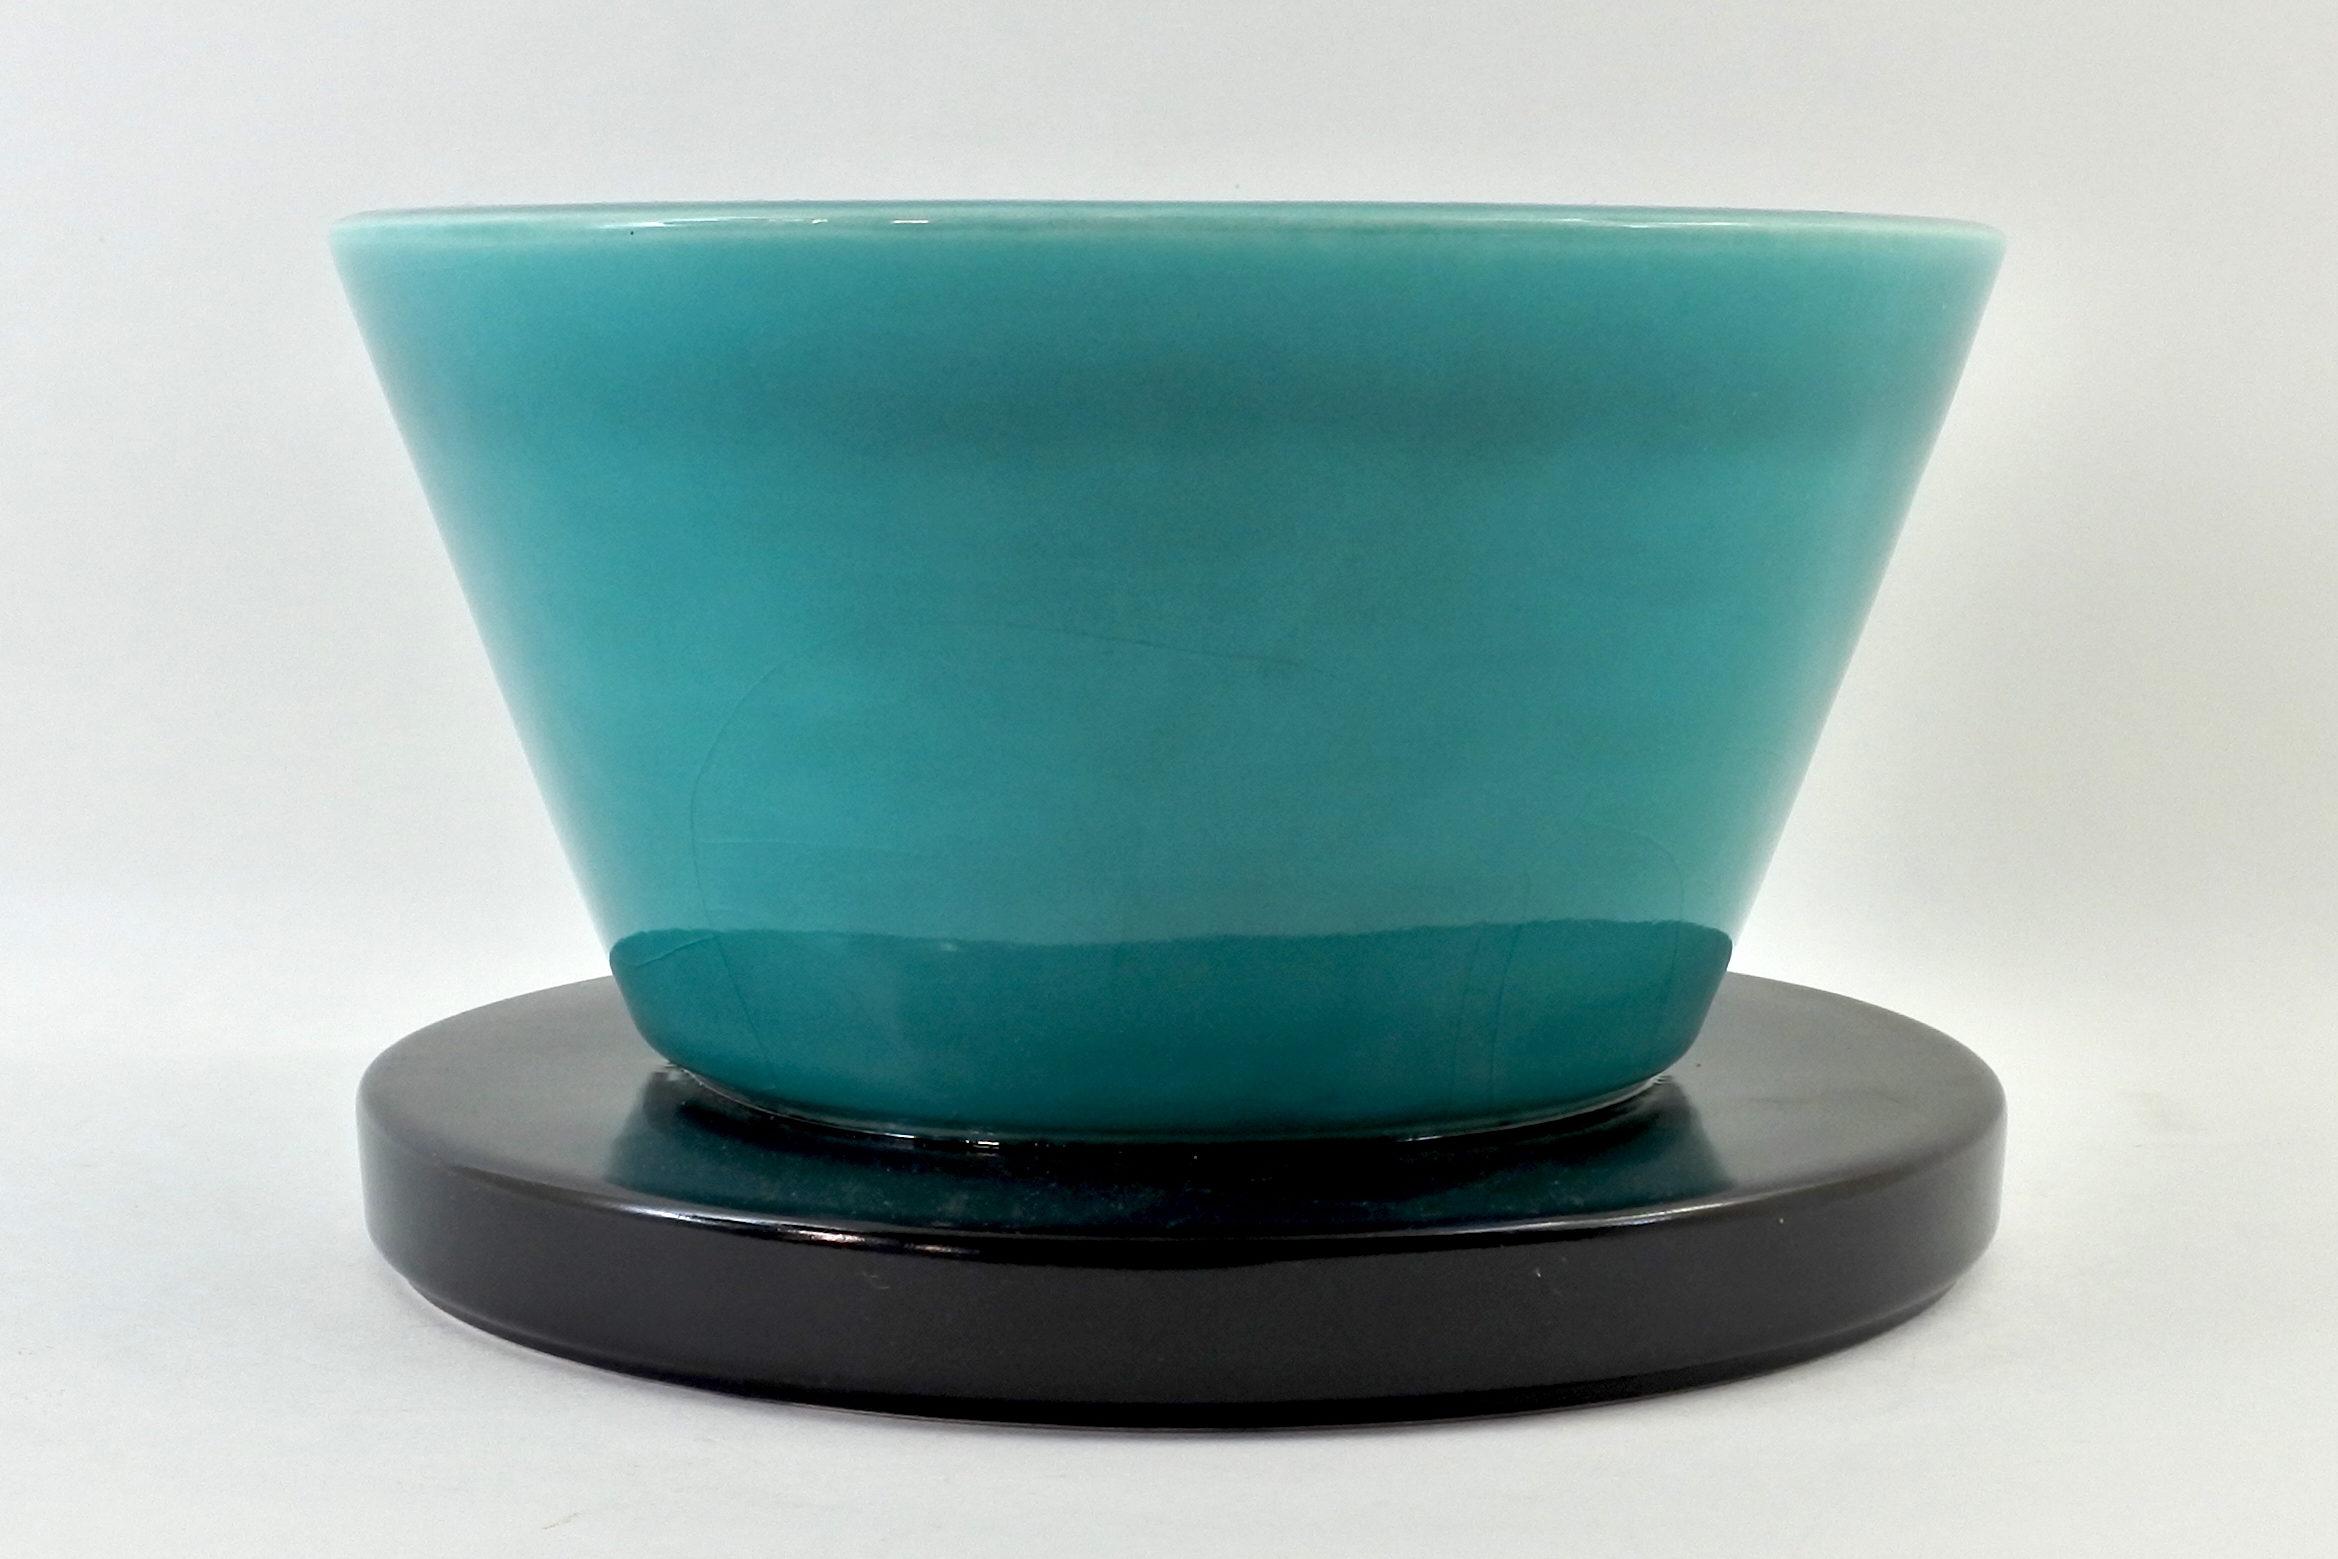 Coppa Frank in ceramica - Designer Marco Zanini - Collezione Hollywood